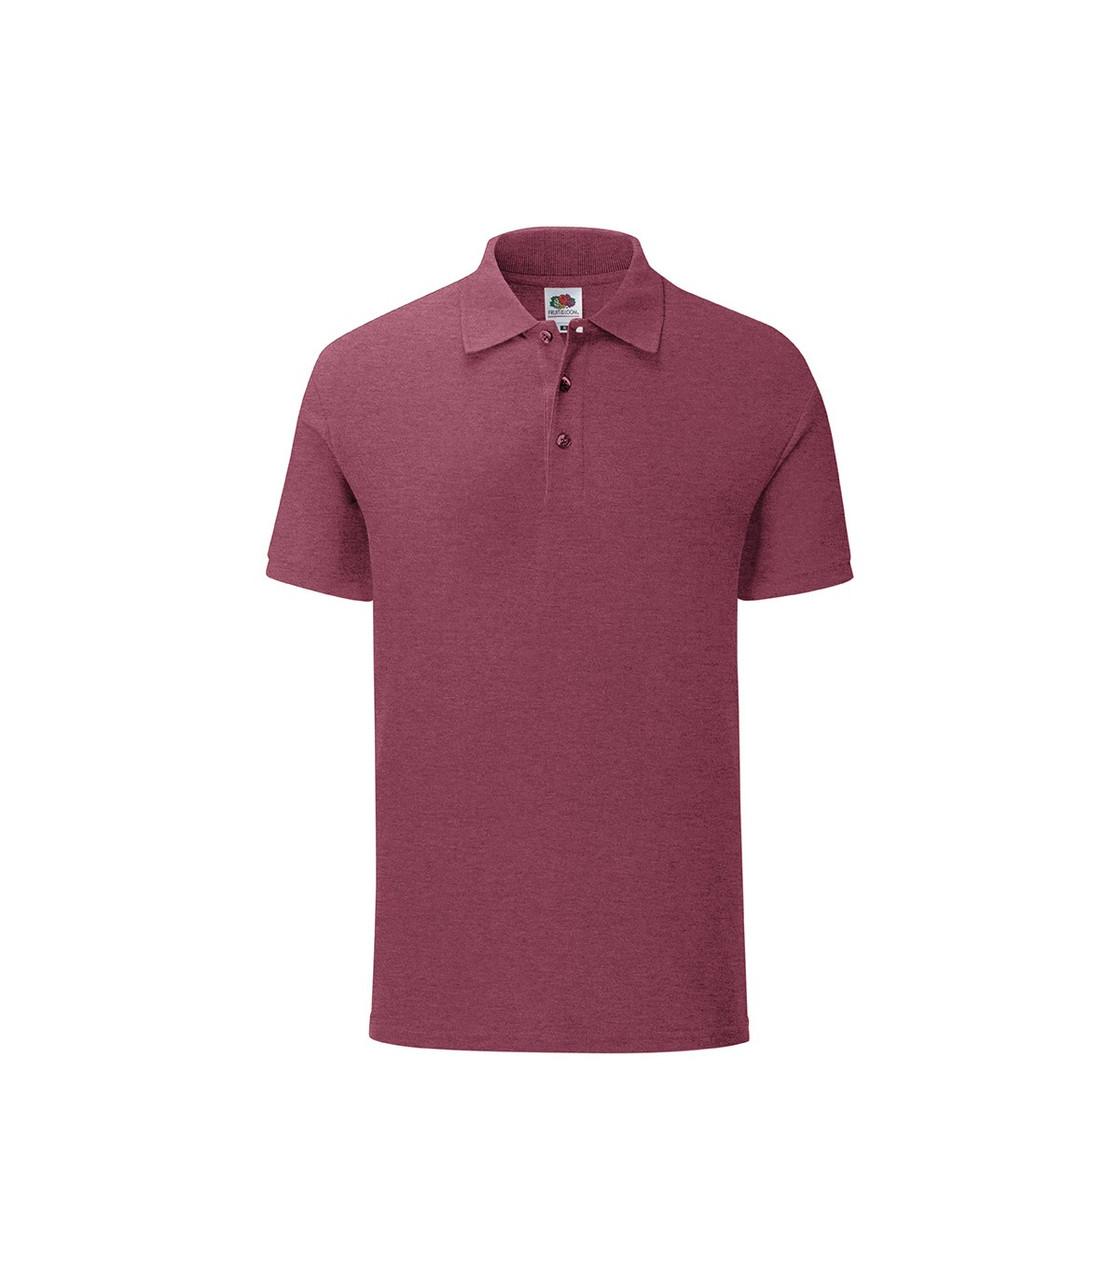 Мужская футболка поло хлопок бордовая меланж 044-Н1